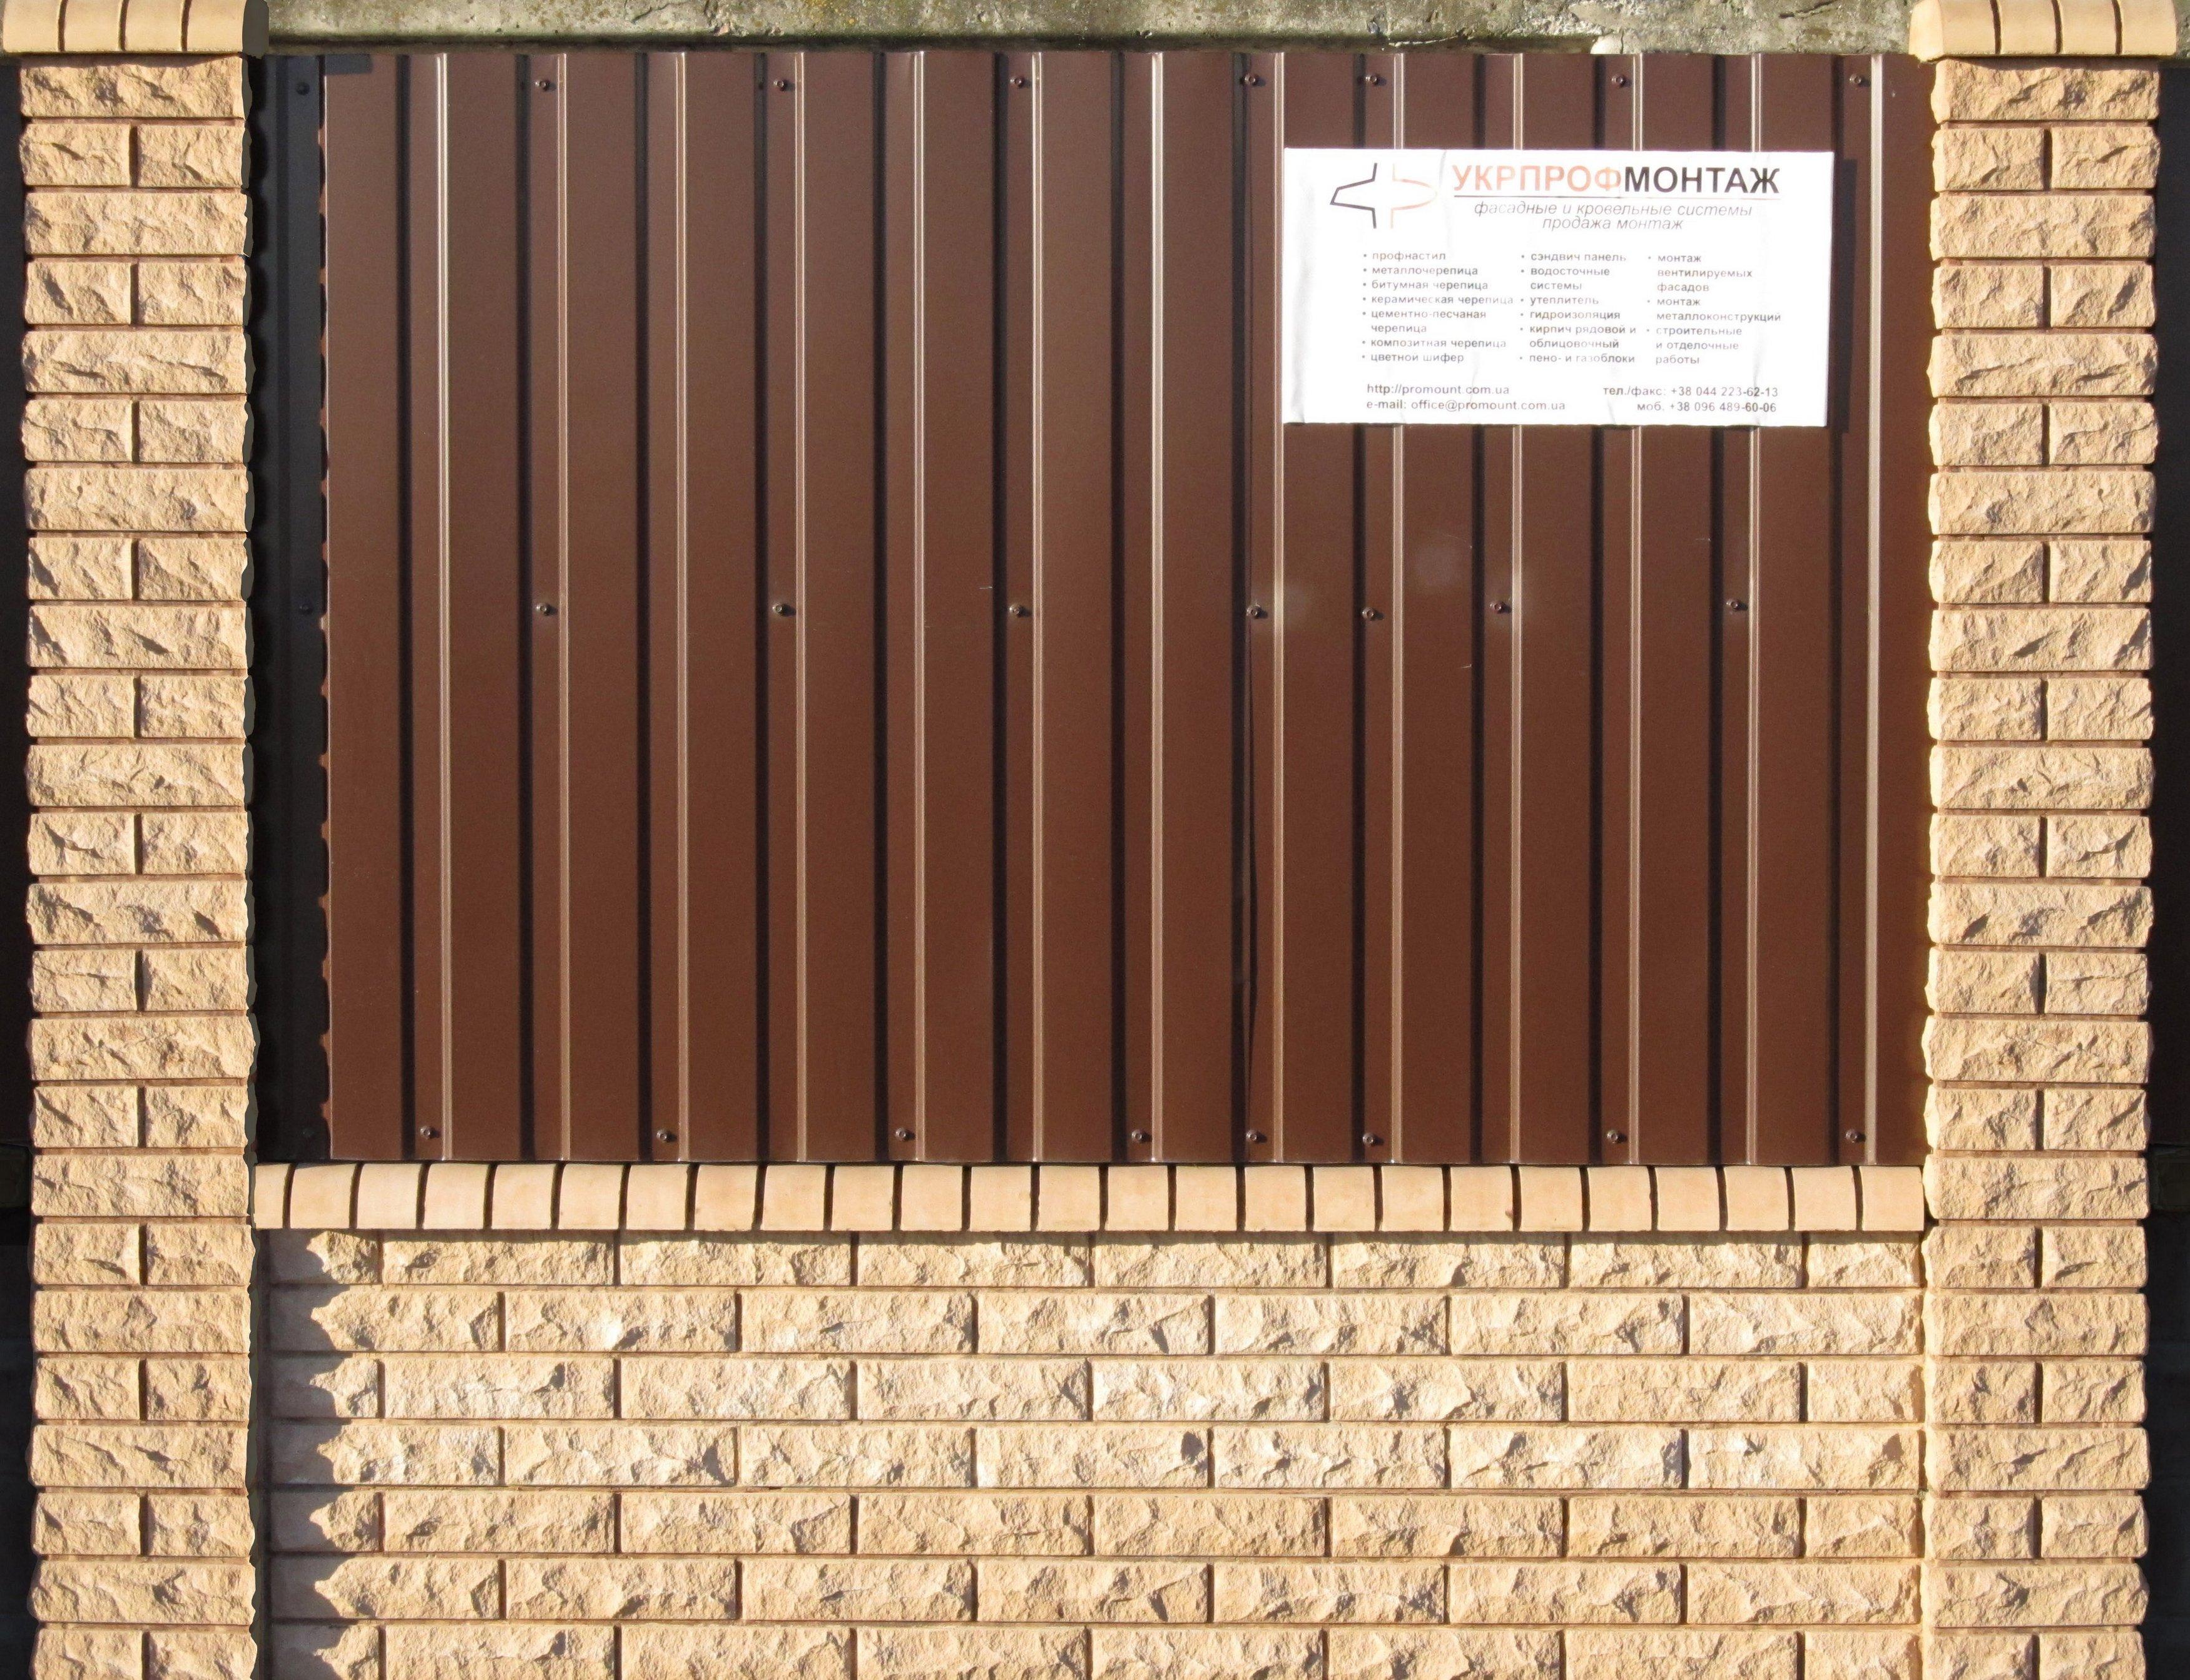 Нажмите на изображение для увеличения Название: Фото бетонного забора рваный кирпич.jpg Просмотров: 63 Размер:1.65 Мб ID:333684